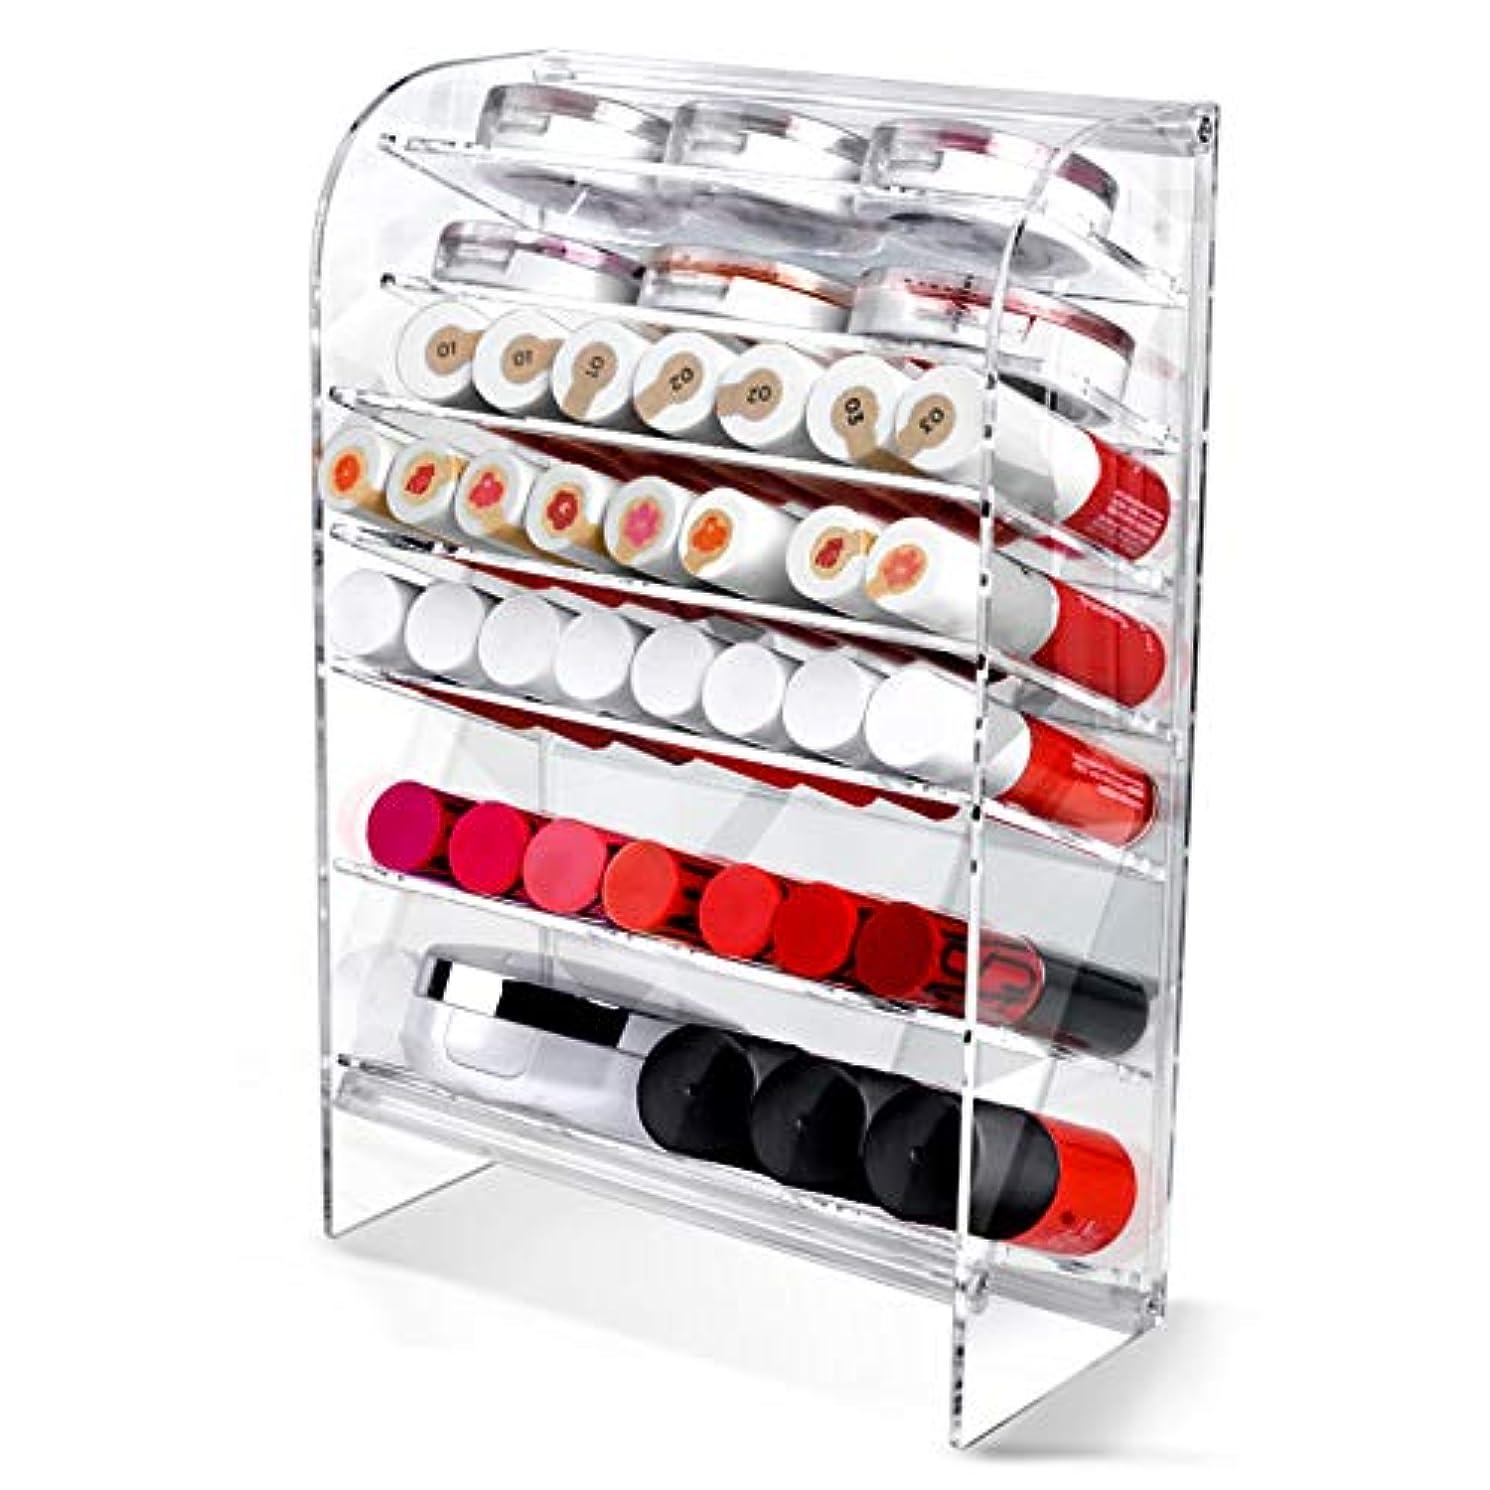 項目効率台無しにAcrylic アクリル DIY Cosmetic 透明 コスメケース メイクケース メイクボックス 化粧品 入れ コスメ リップスティック 収納 スタンド/Organizer storage For lipstick...